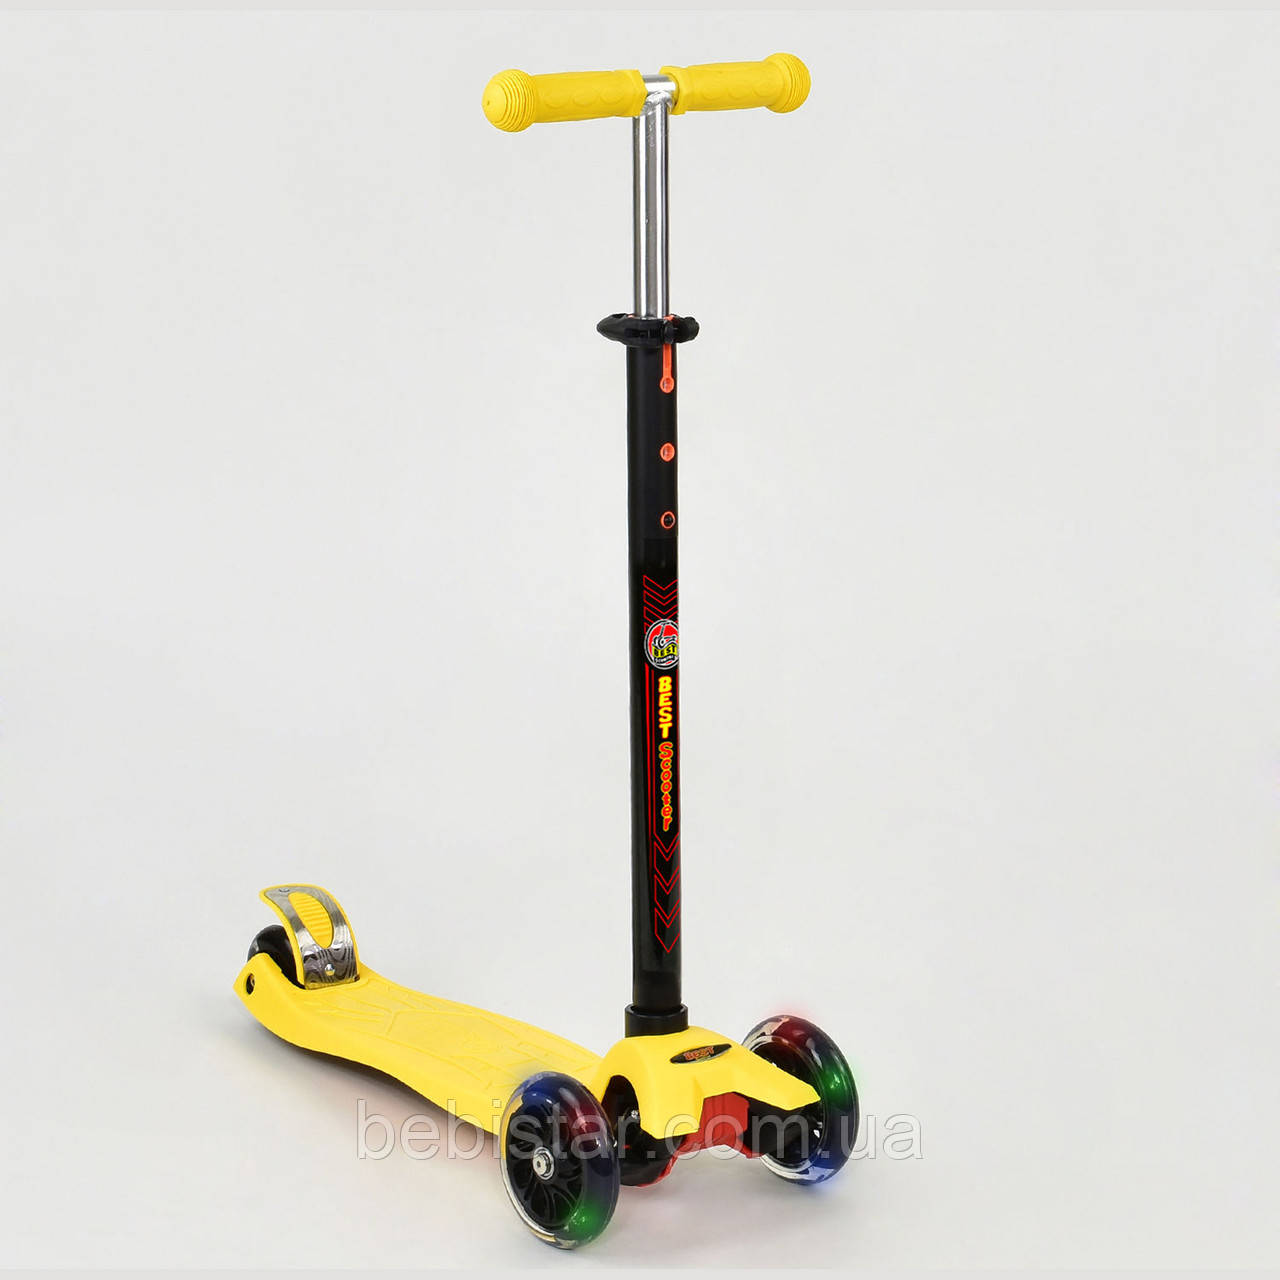 Самокат детский четырехколесный со светящимися колесами желтый от 5 до 10 лет